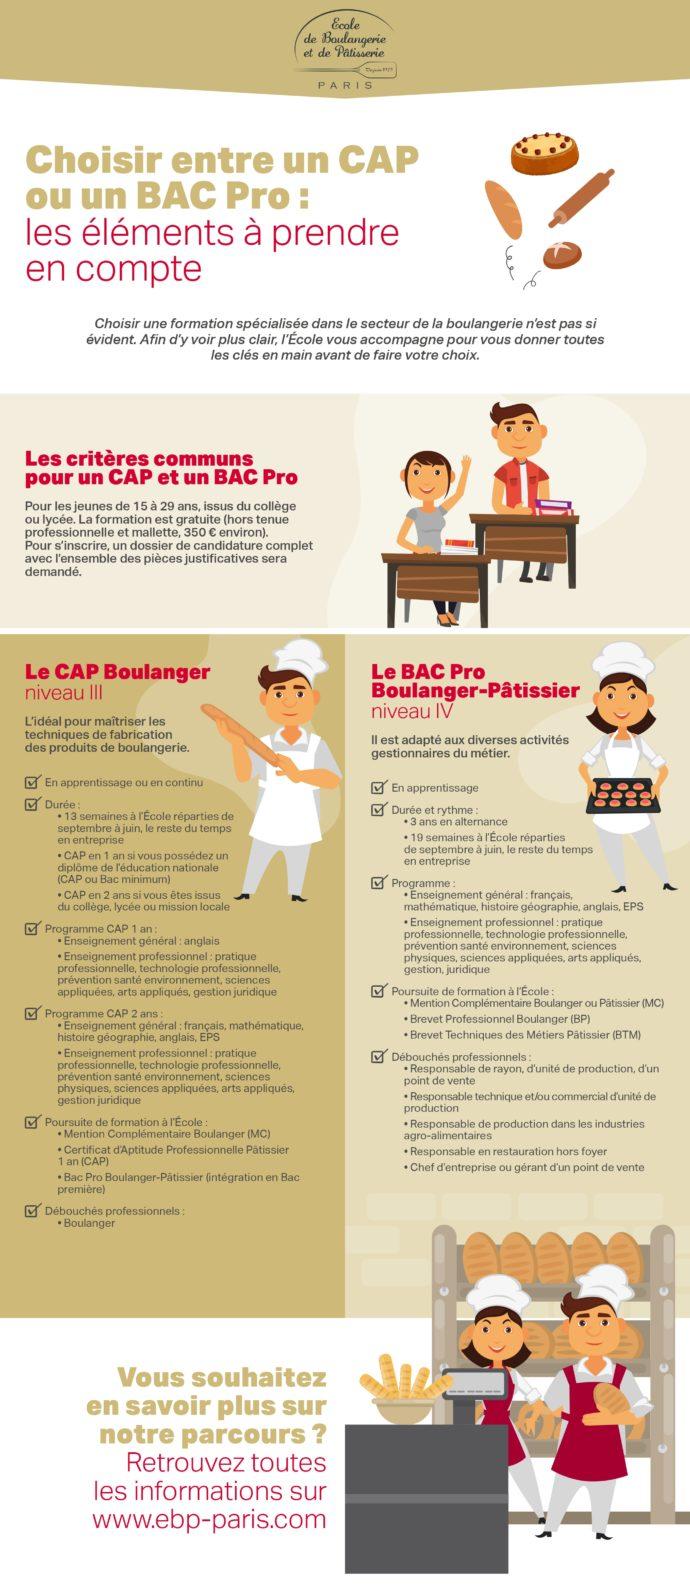 Choisir entre un CAP et un Bac Pro : les éléments à prendre en compte.